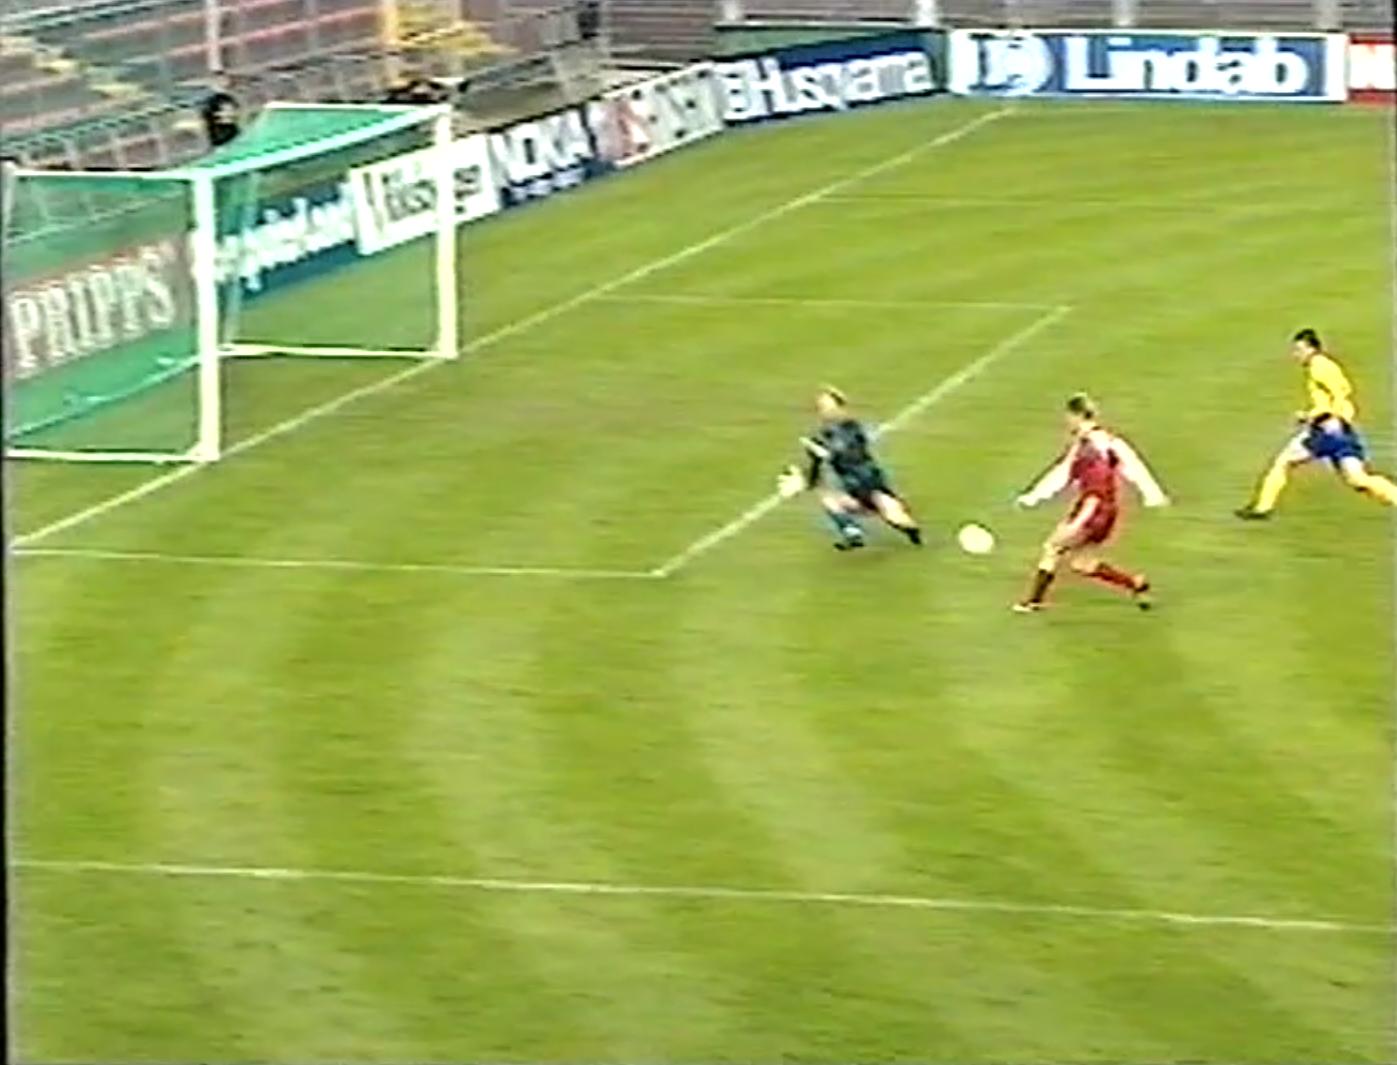 Andrzej Juskowiak zmarnował znakomitą sytuację do zdobycia bramki w pierwszej połowie. Polak przegrał pojedynek z bramkarzem gospodarzy Thomasem Ravellim.